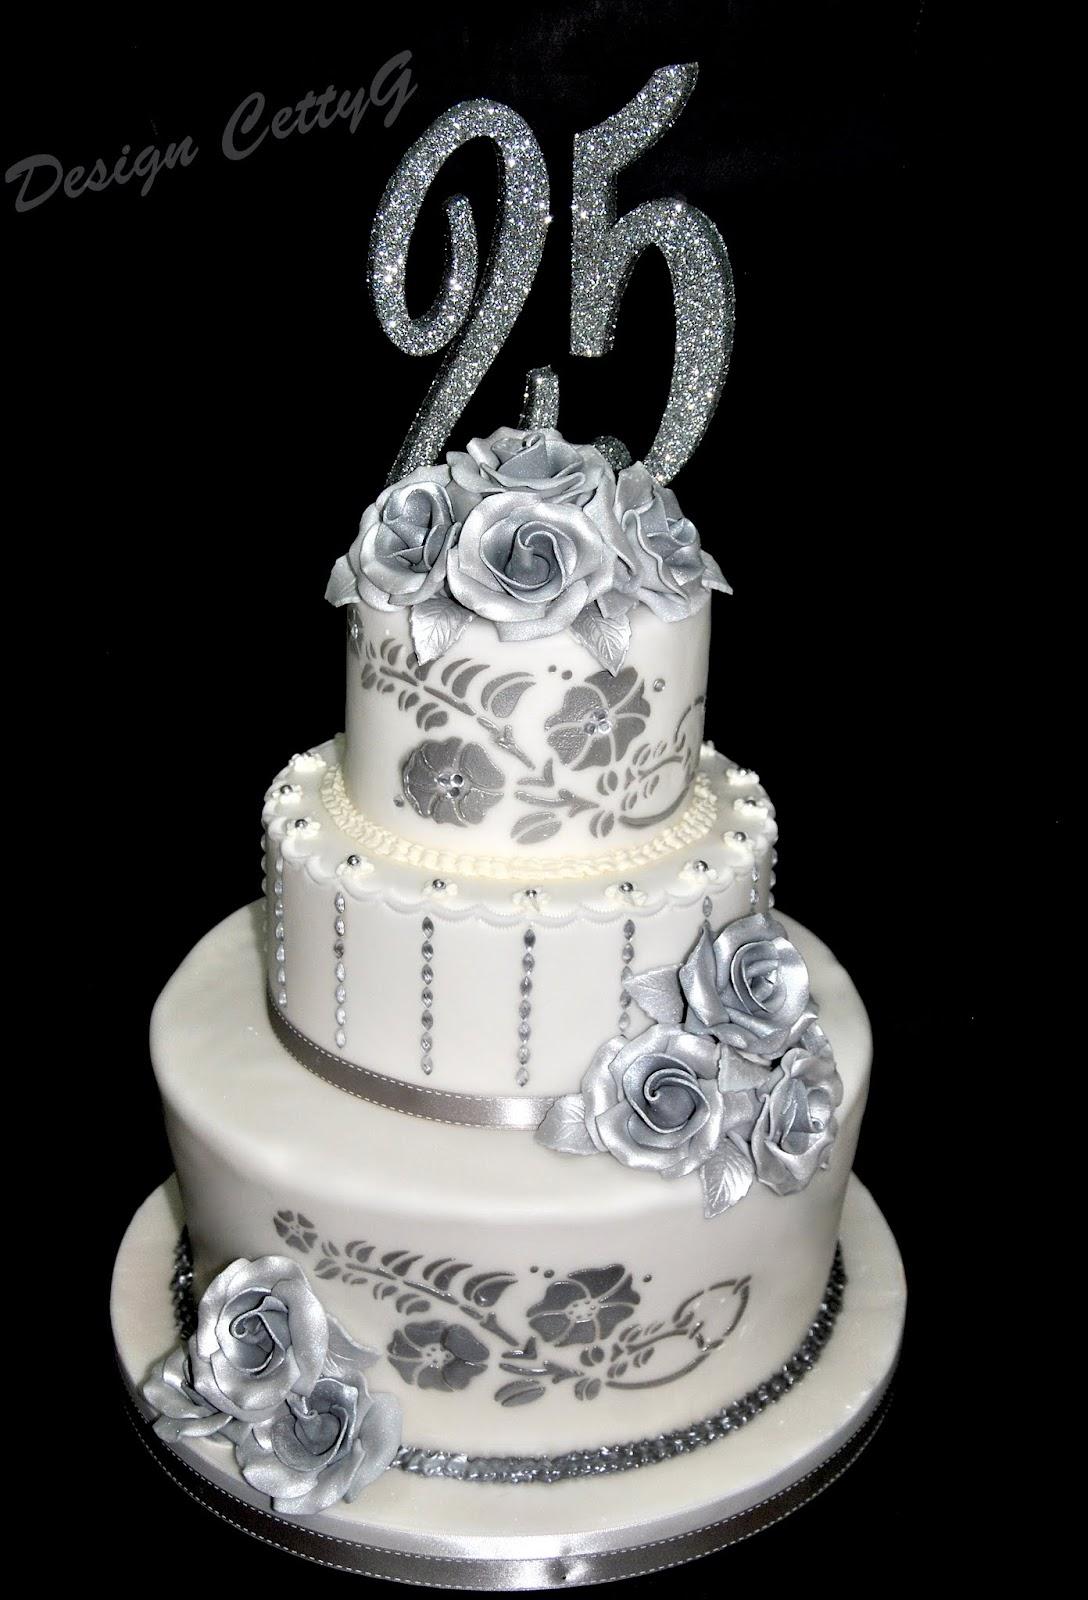 Le torte decorate di cetty g 25 anniversario di for Auguri per 25 anniversario di matrimonio